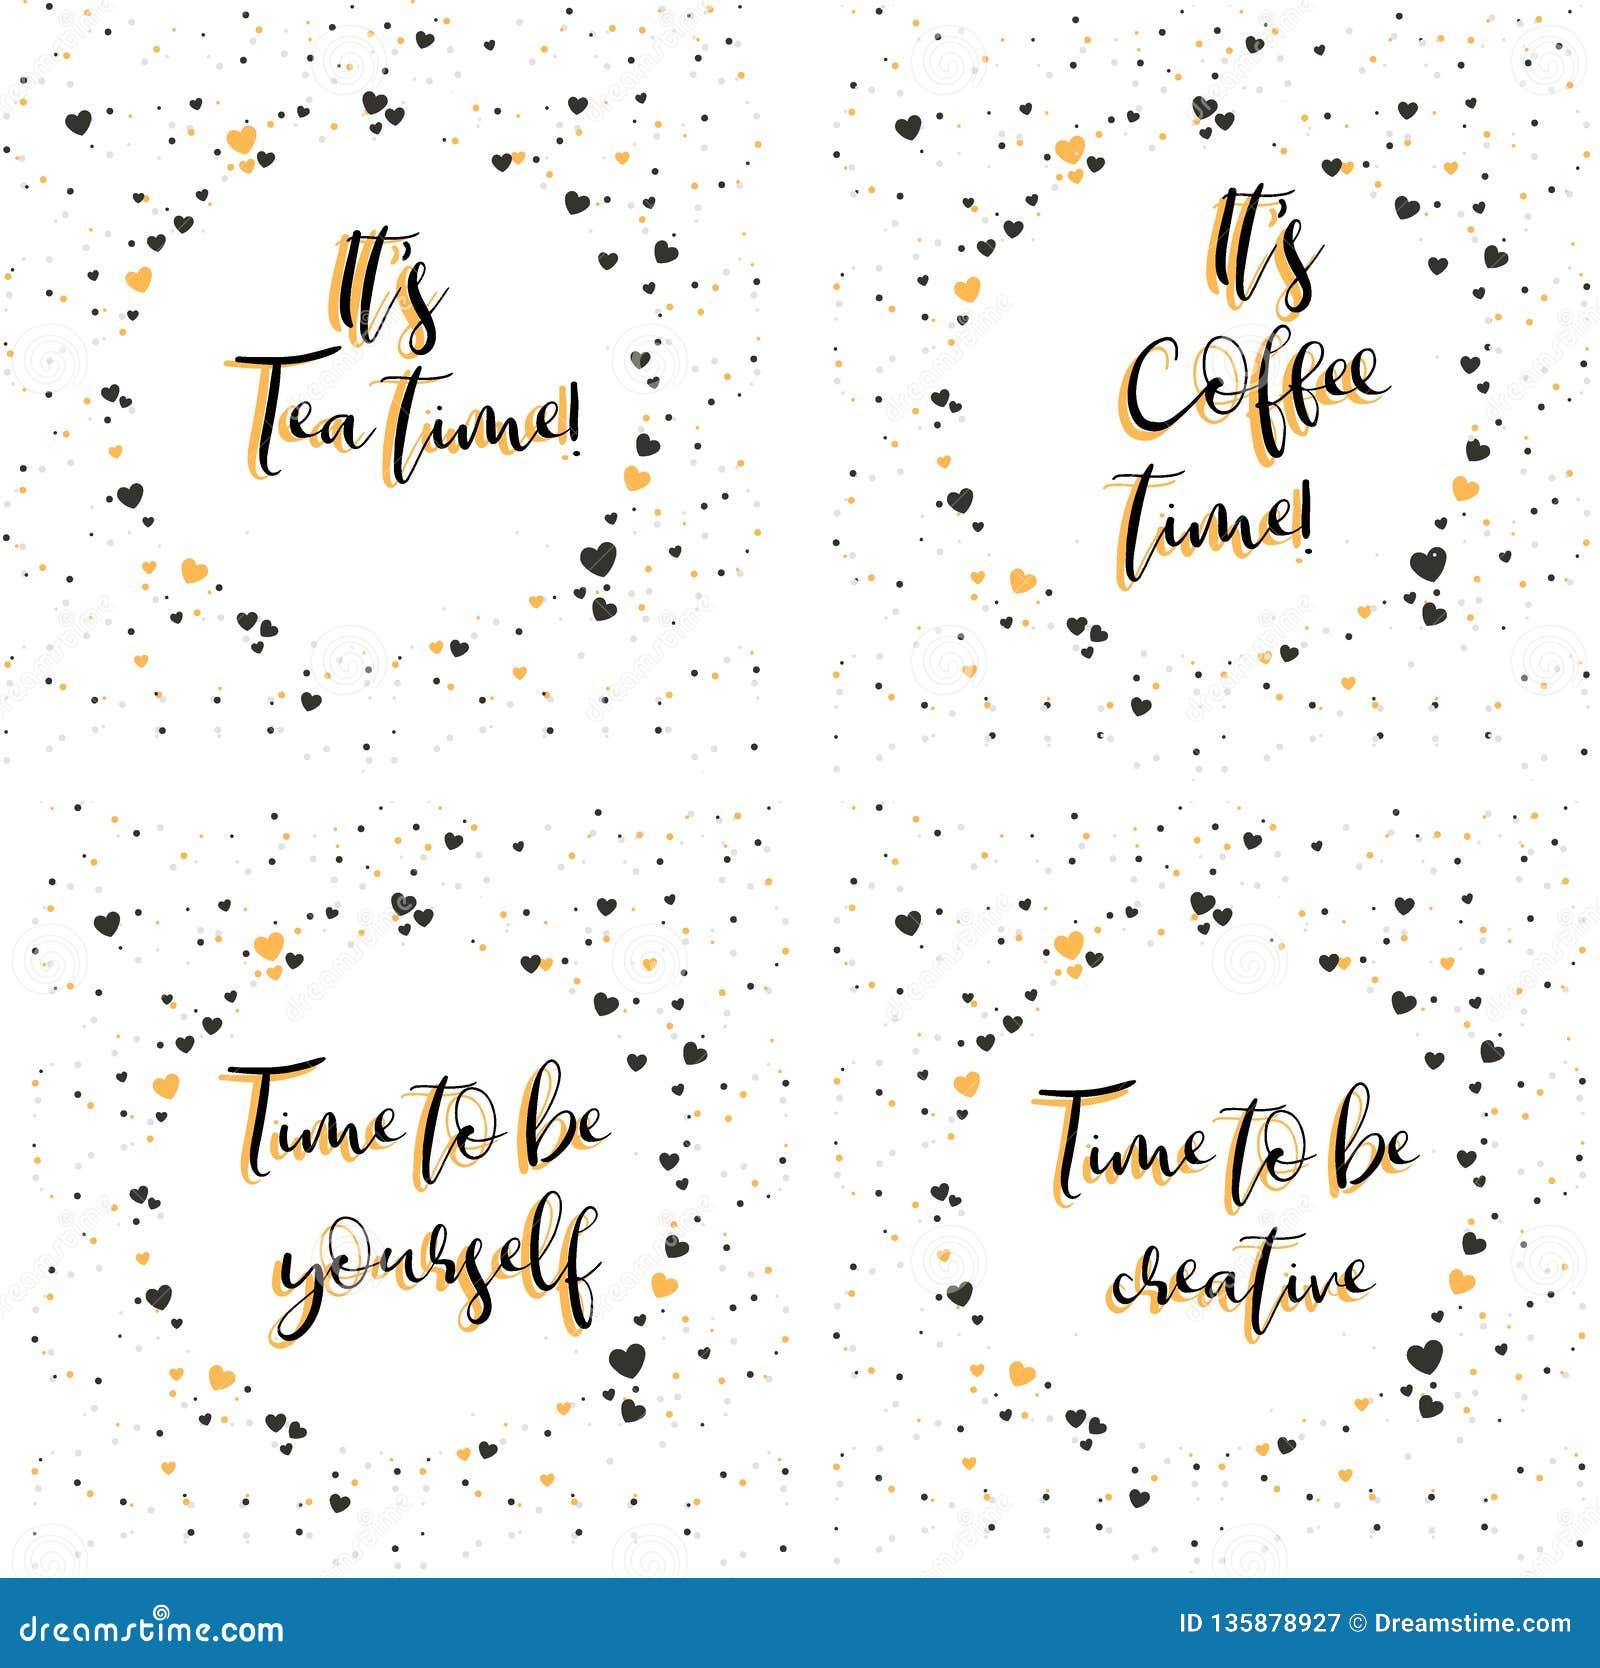 Il temps de thé du ` s Il temps de café du ` s Heure d être vous-même Heure d être créateur Lettrage avec l expression de inspira